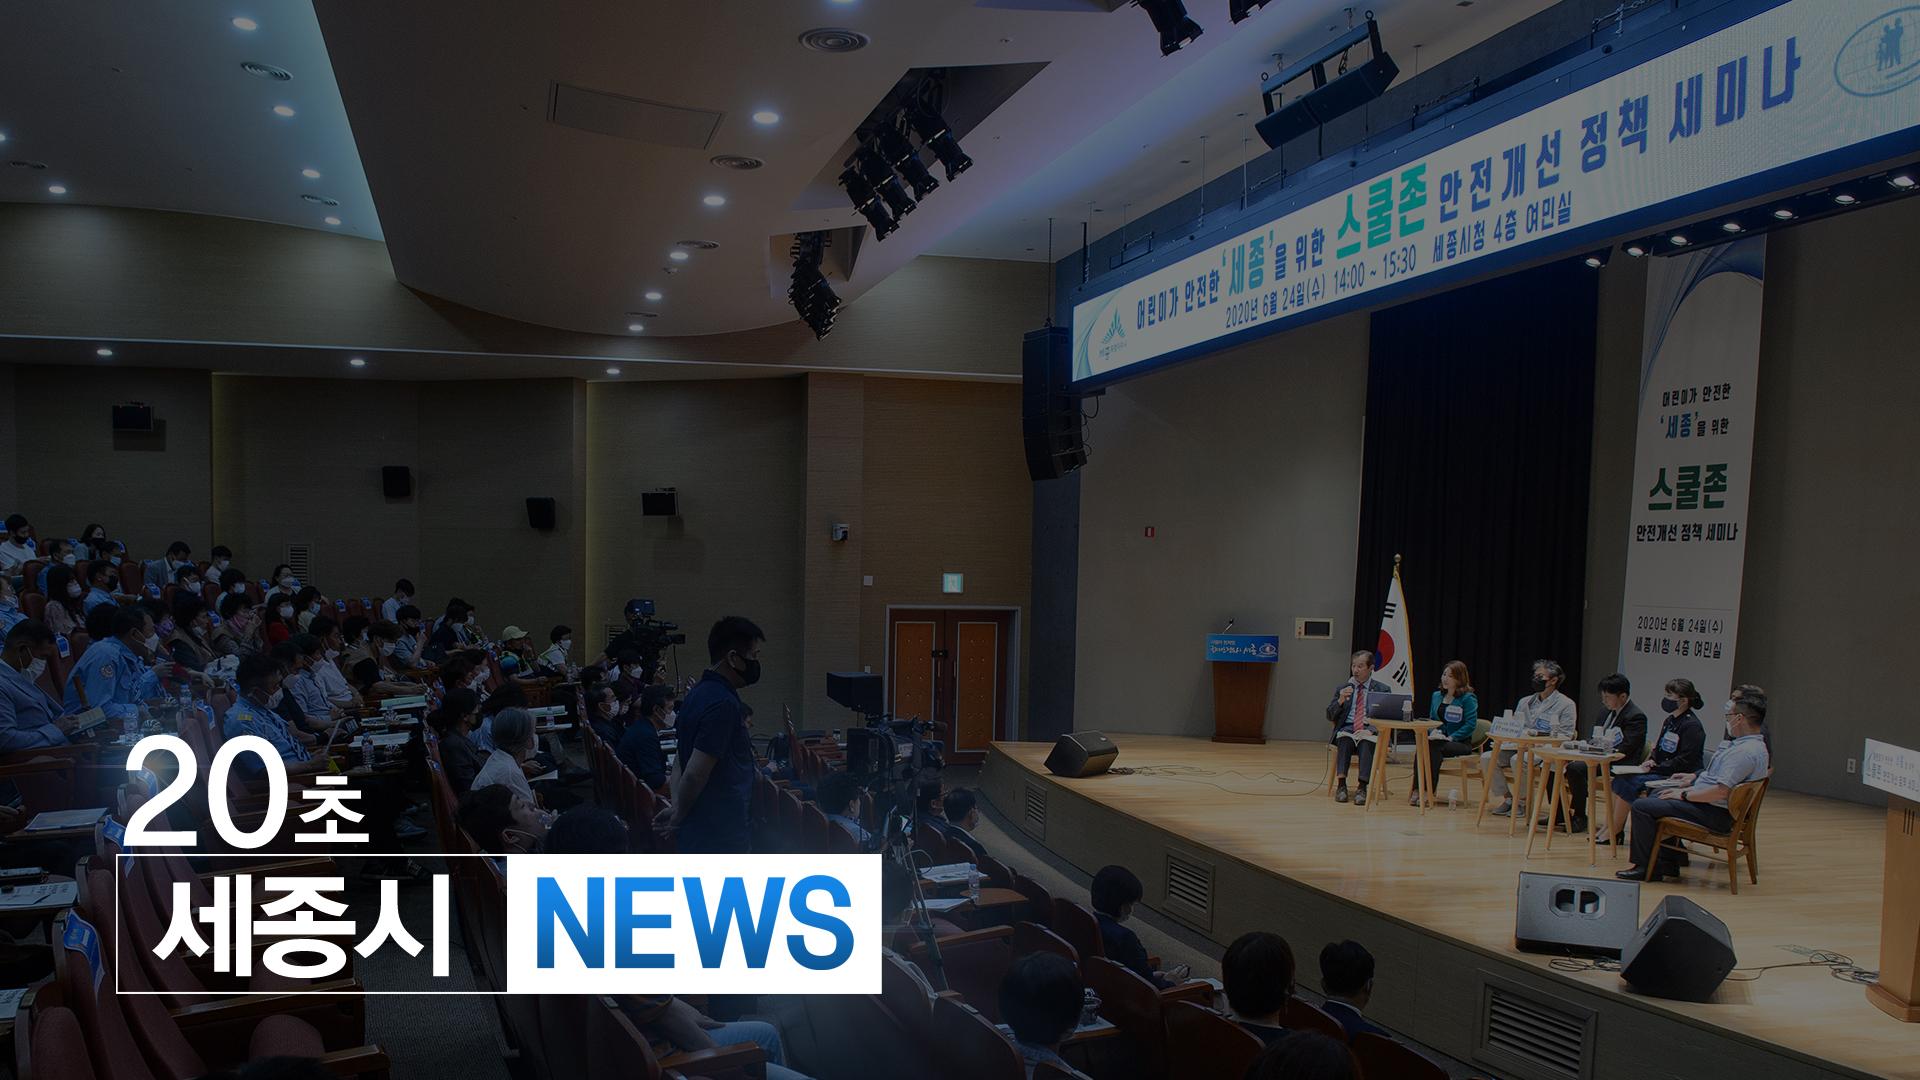 <20초뉴스> 스쿨존 안전개선 정책 세미나